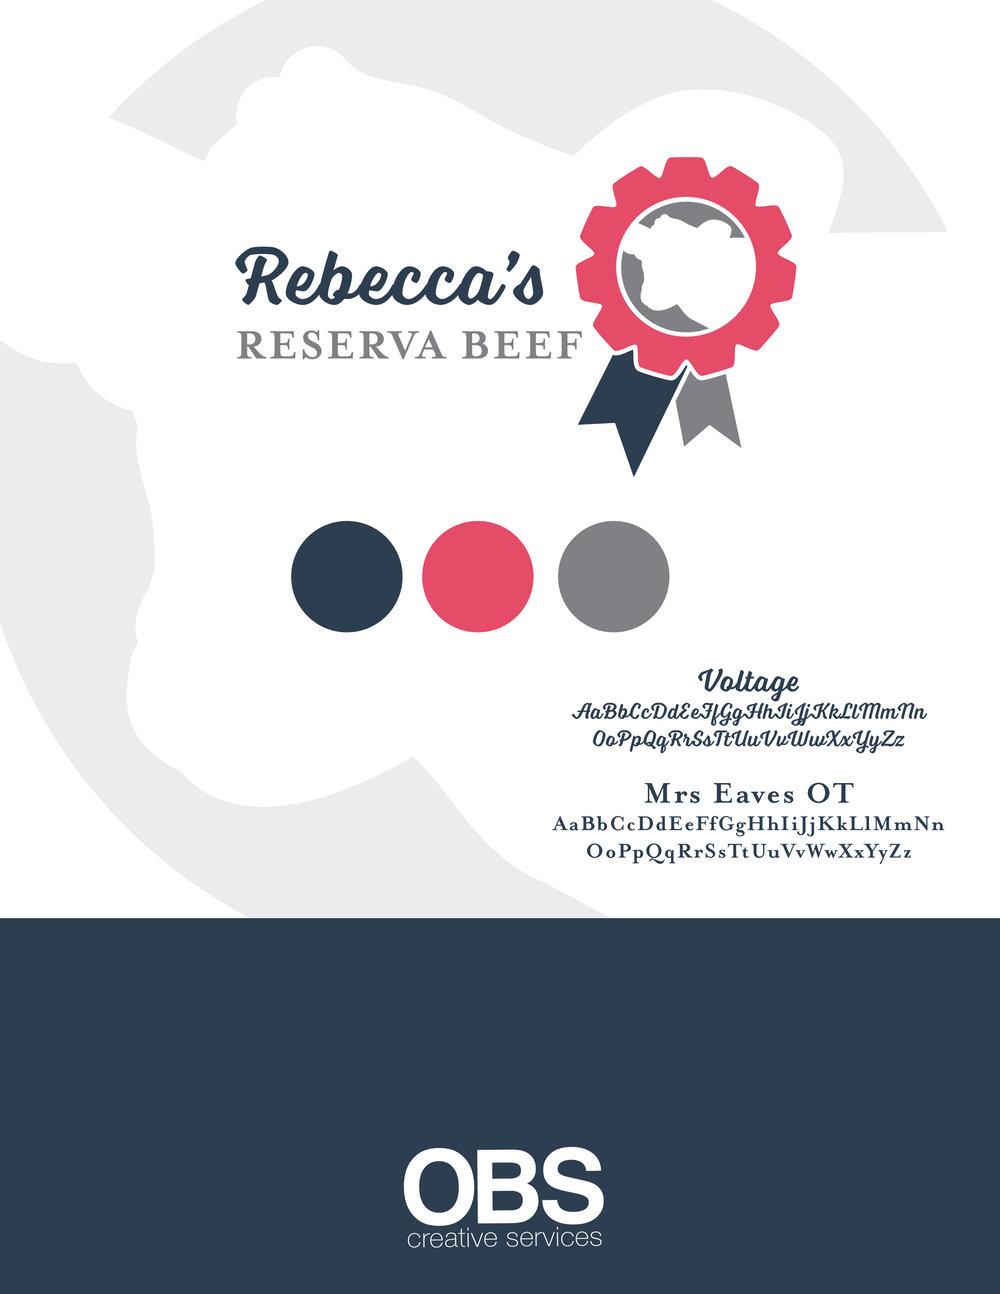 Rebecca's Reserva Beef.jpg